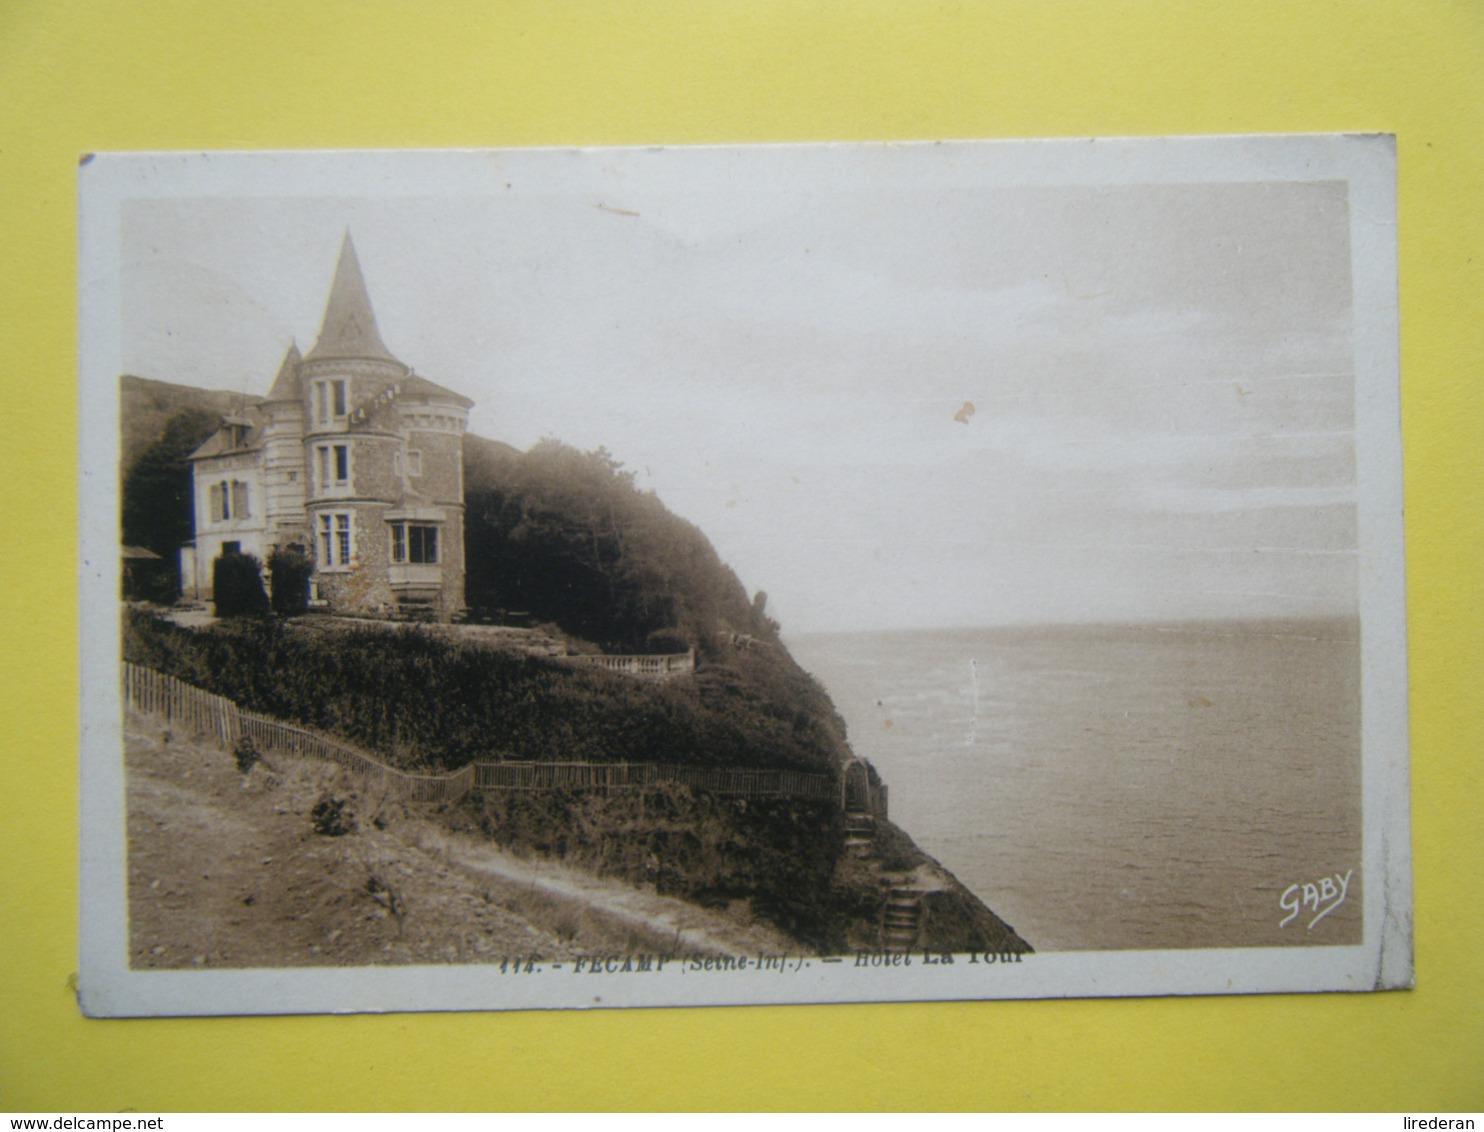 FECAMP. L'Hôtel La Tour. - Fécamp